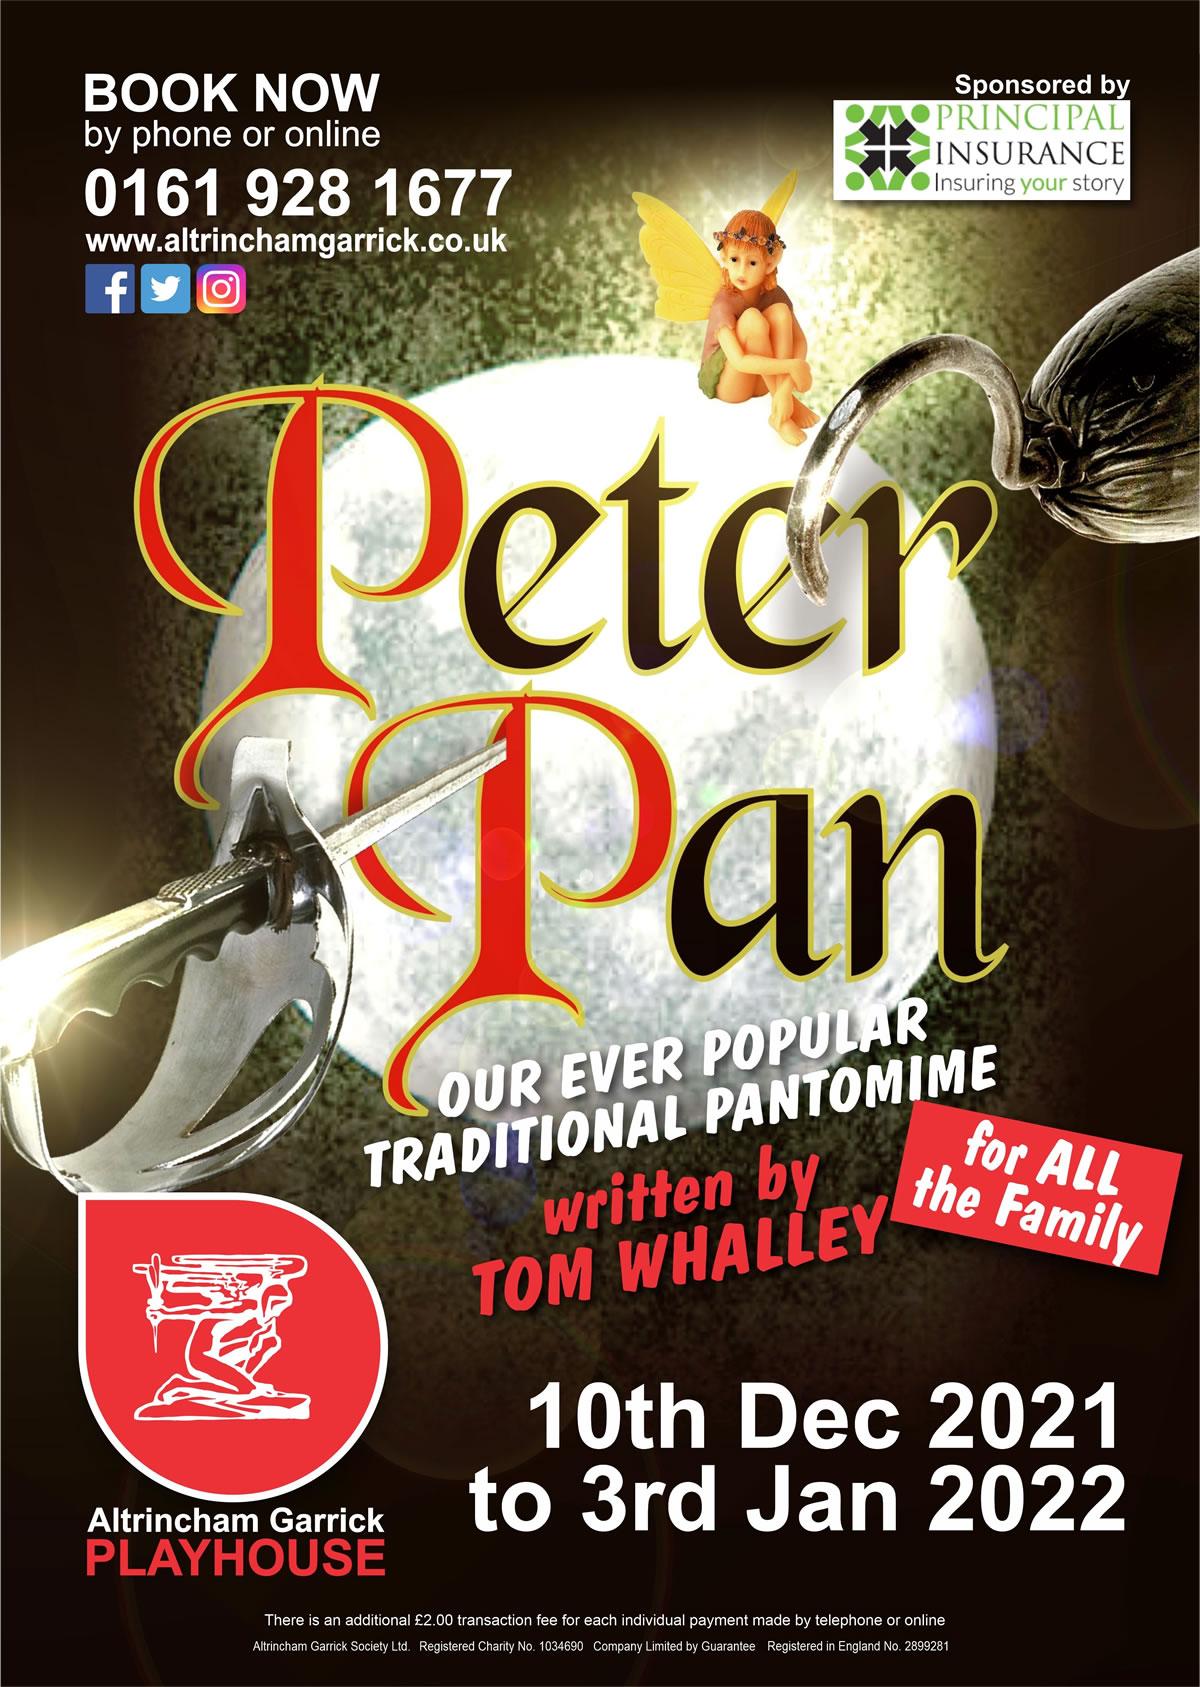 Image of Altrincham Garrick Playhouse Peter Pan pantomime